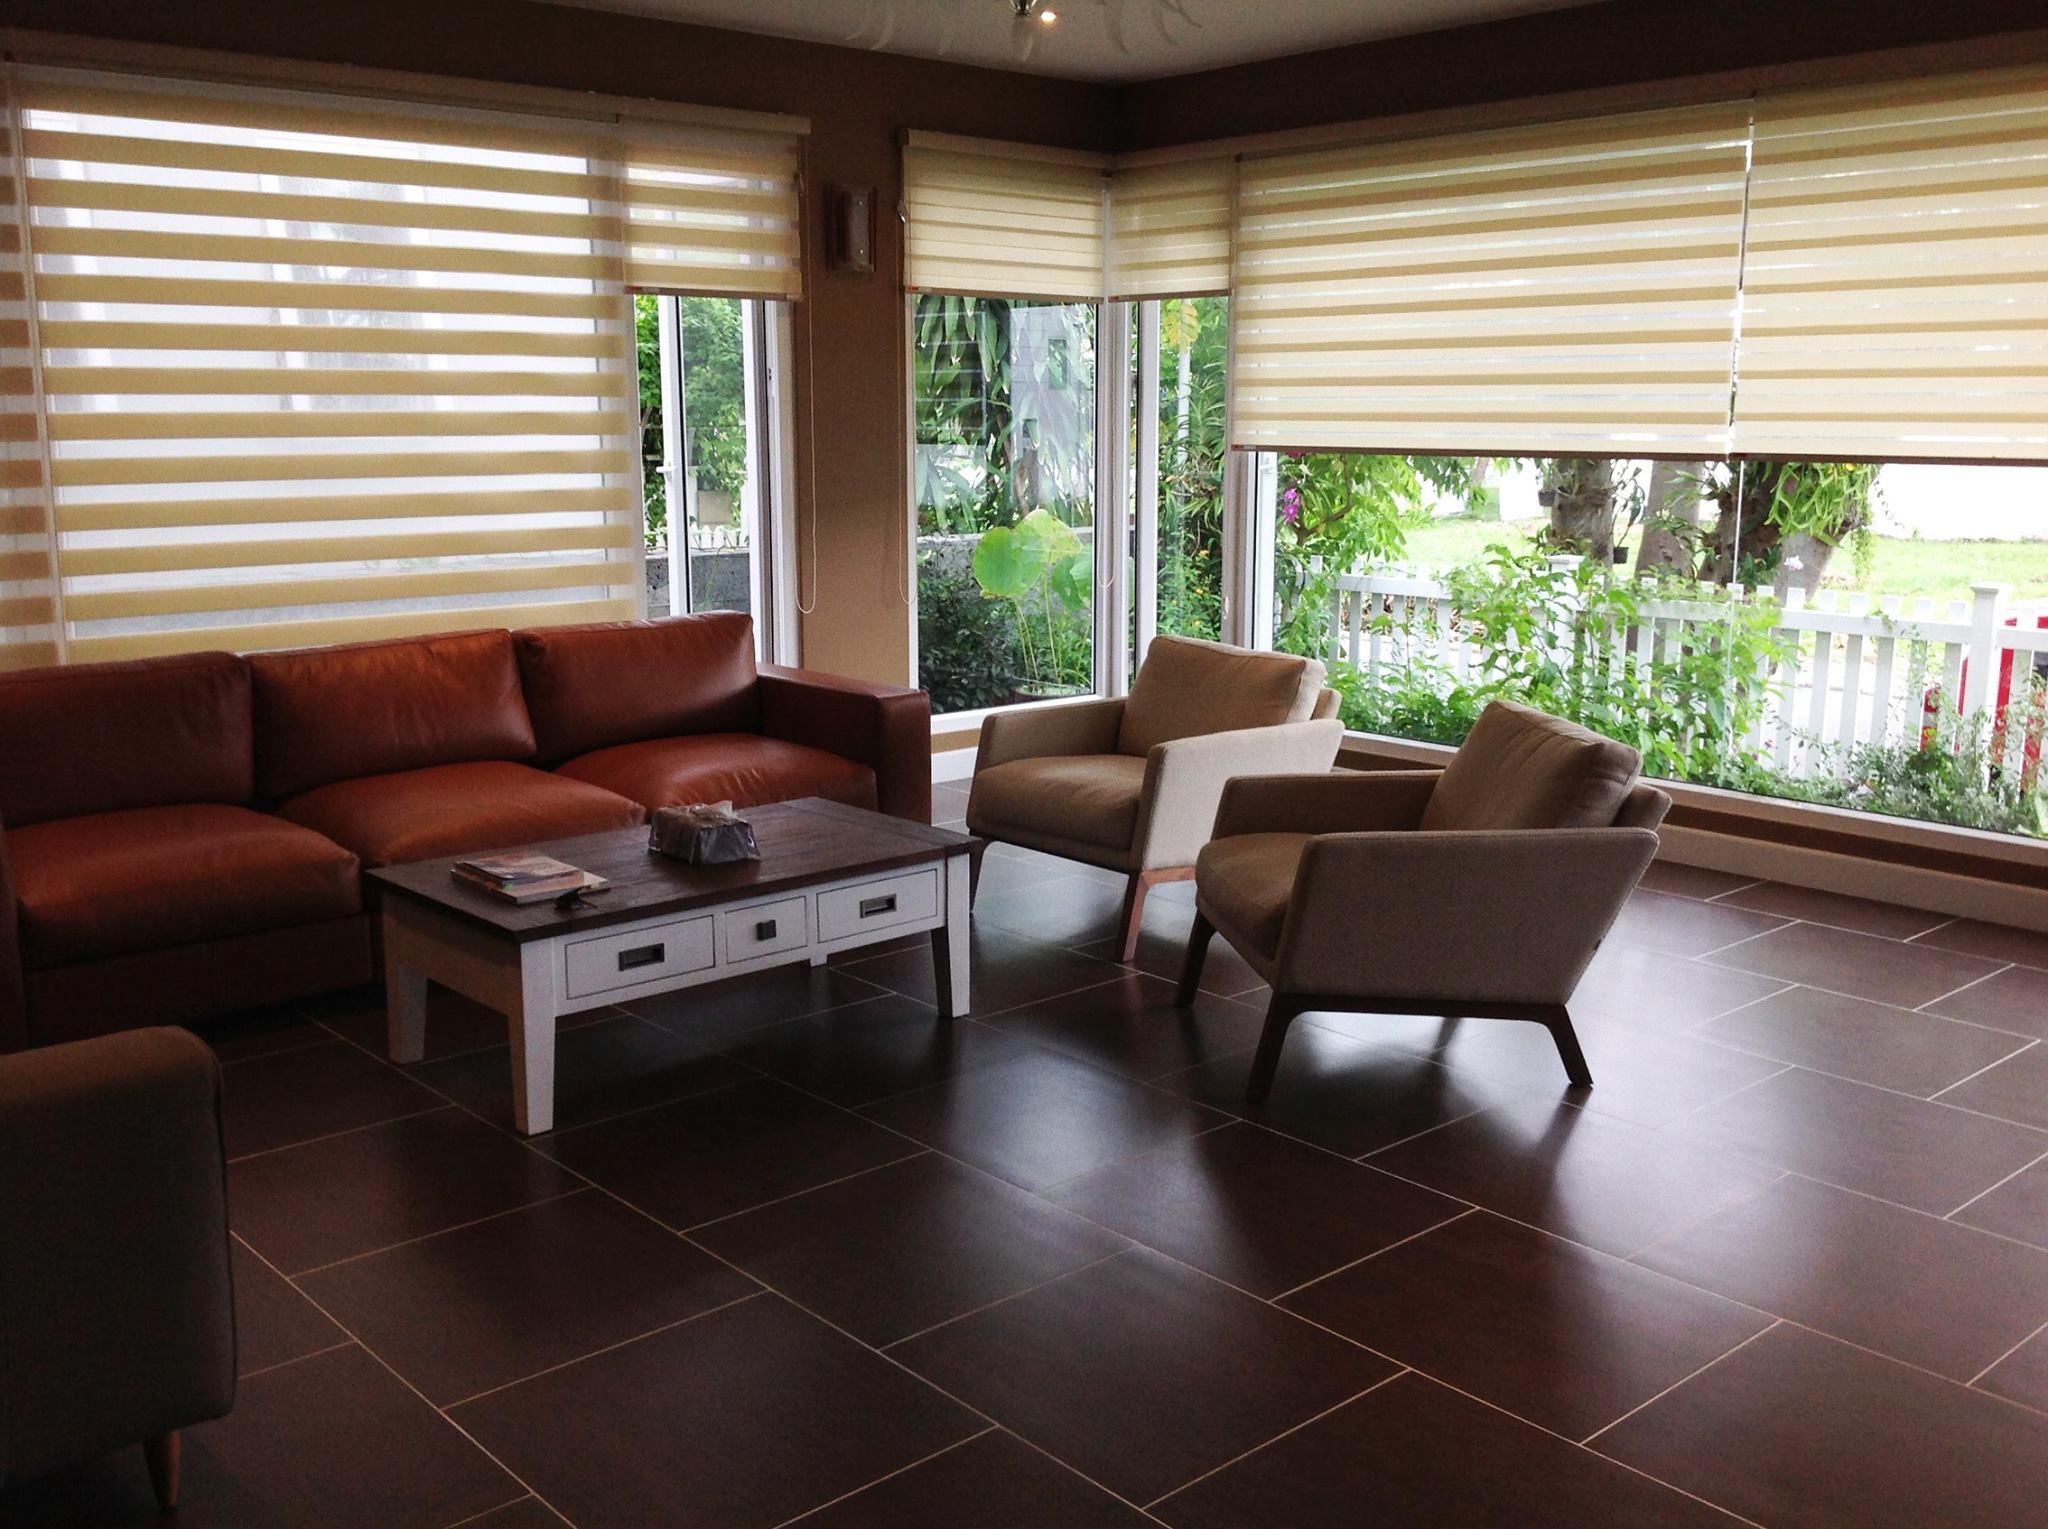 công trình thực tế sử dụng gạch ốp lát cao cấp nhập khẩu 100% từ Italy bởi Volano Porcelain Tiles.